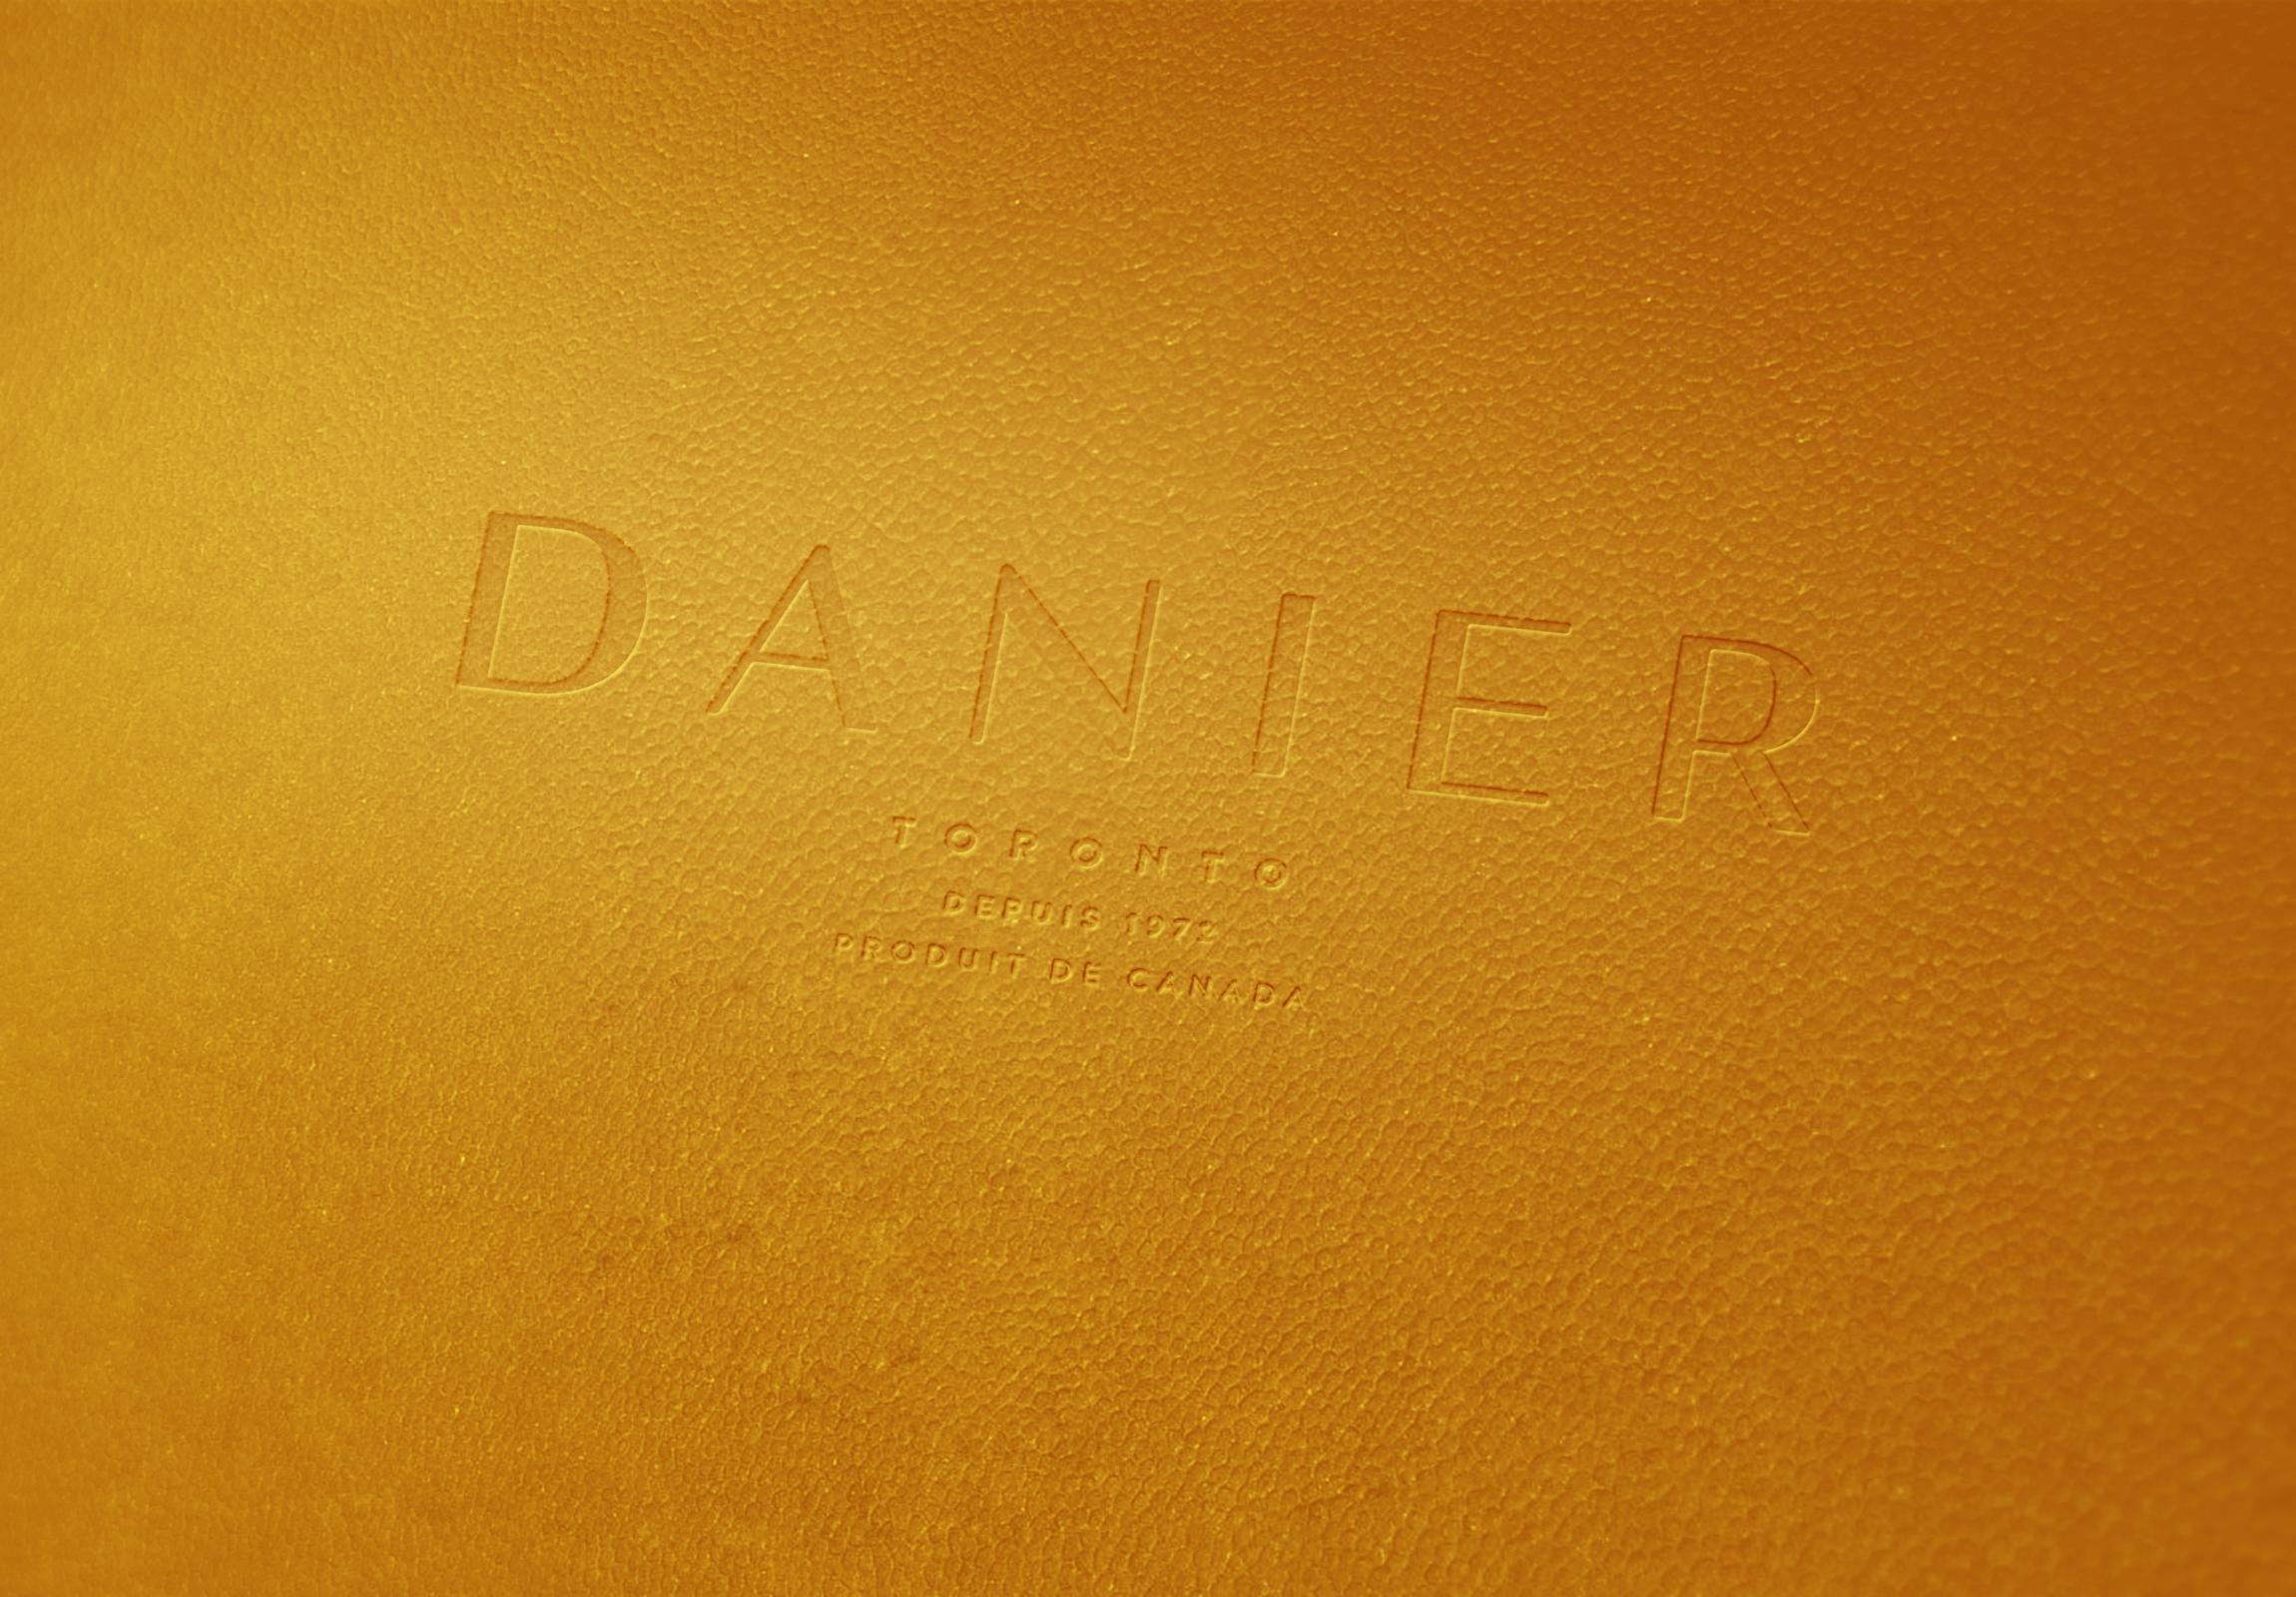 Danier_Leather_mandarine.png